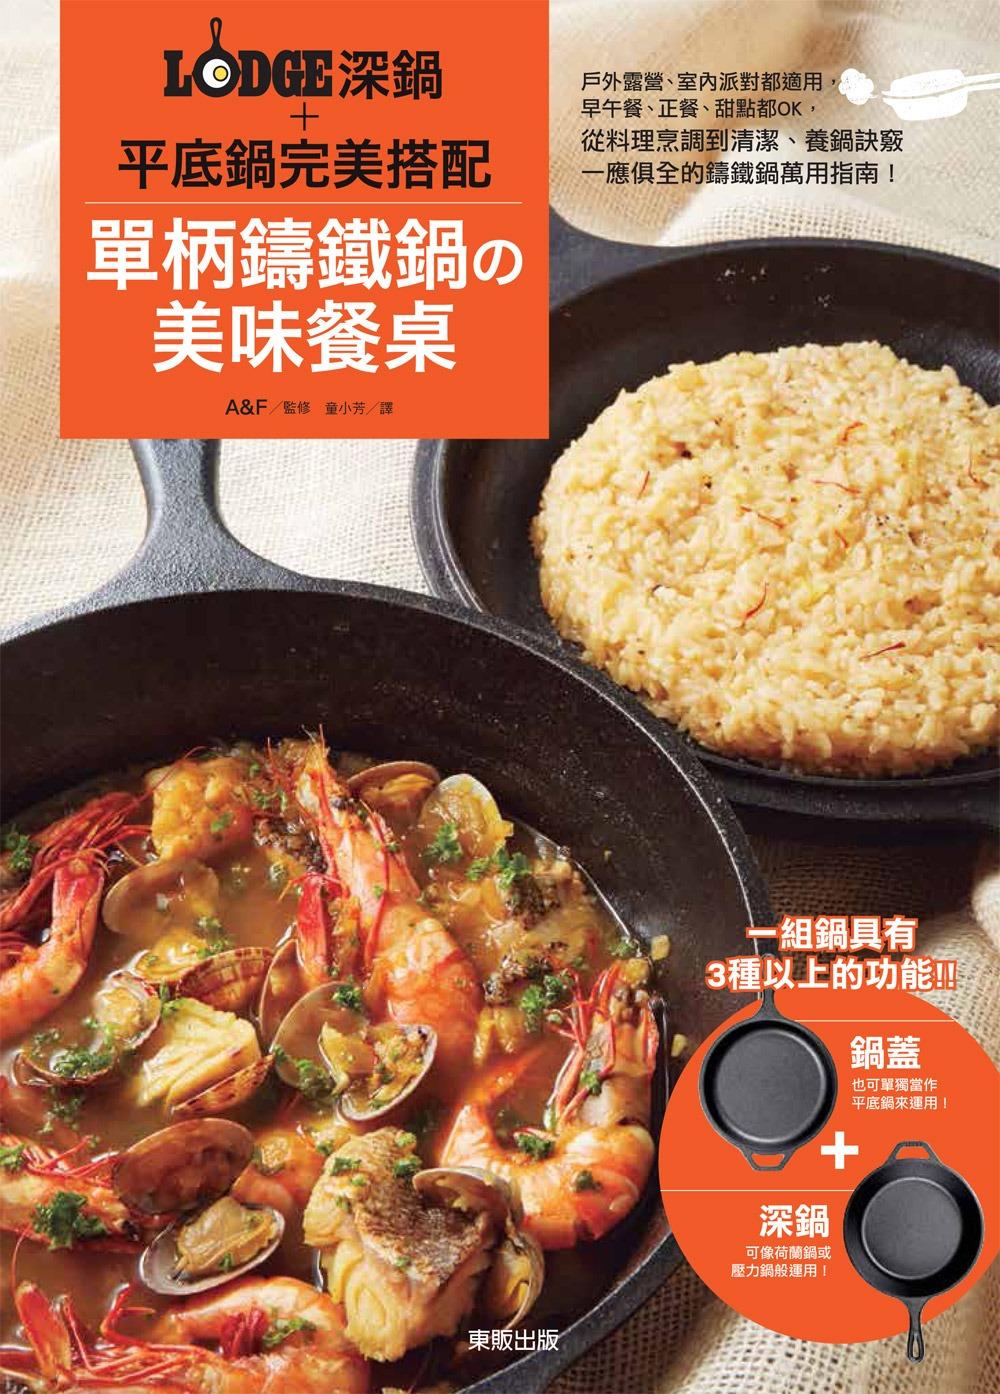 ◤博客來BOOKS◢ 暢銷書榜《推薦》單柄鑄鐵鍋の美味餐桌:LODGE深鍋+平底鍋完美搭配